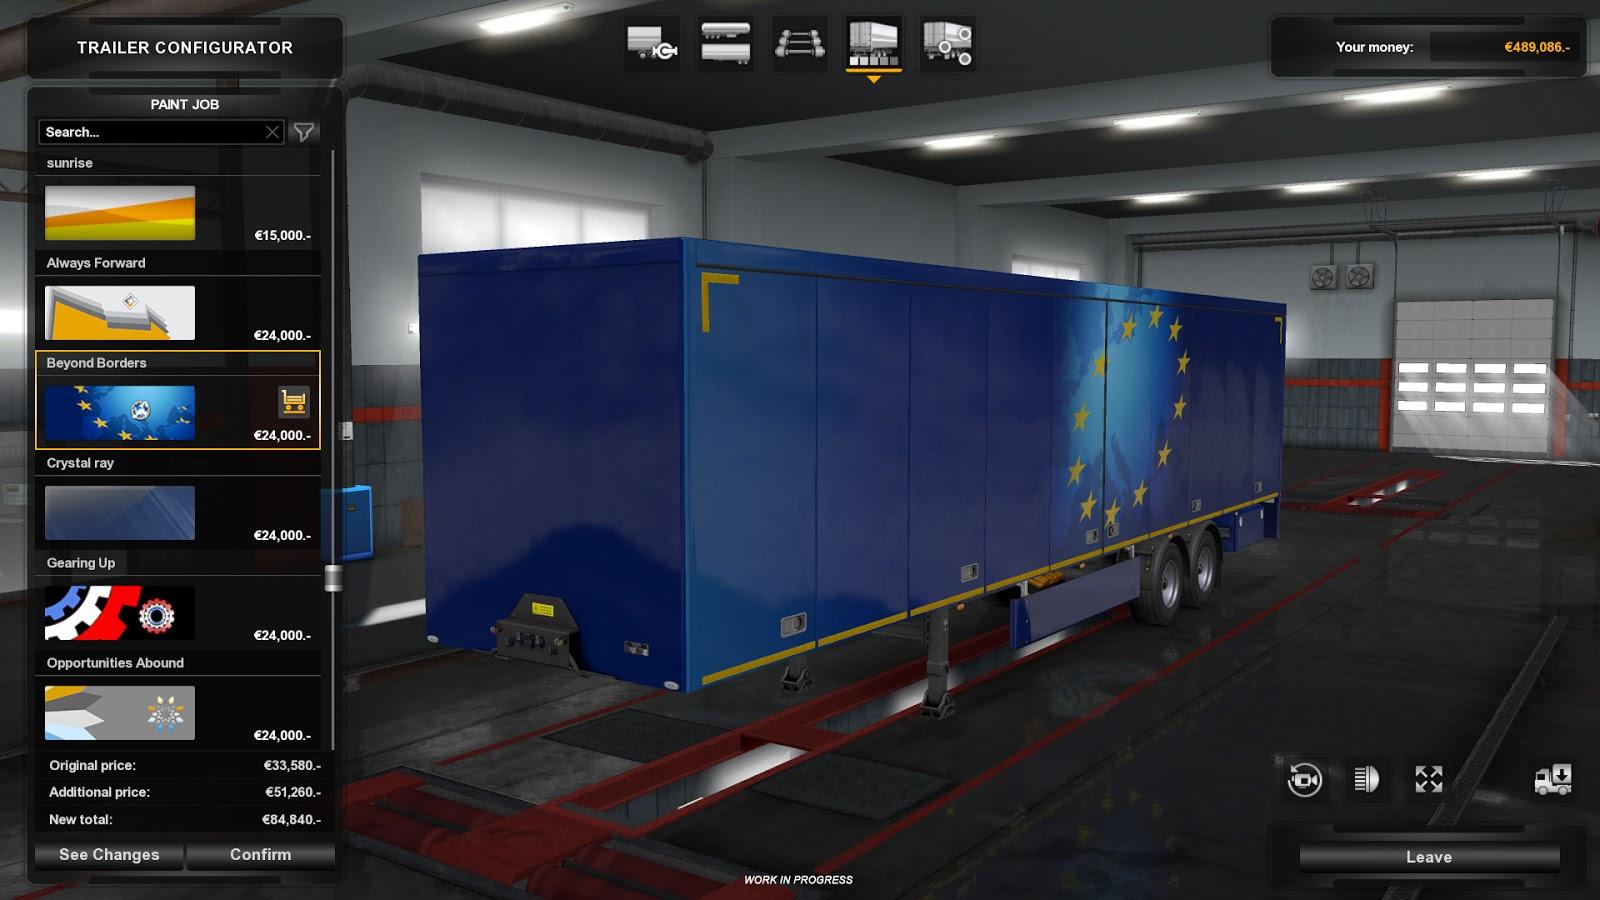 ets2 update appetizer trailer ownership ets2 mod. Black Bedroom Furniture Sets. Home Design Ideas